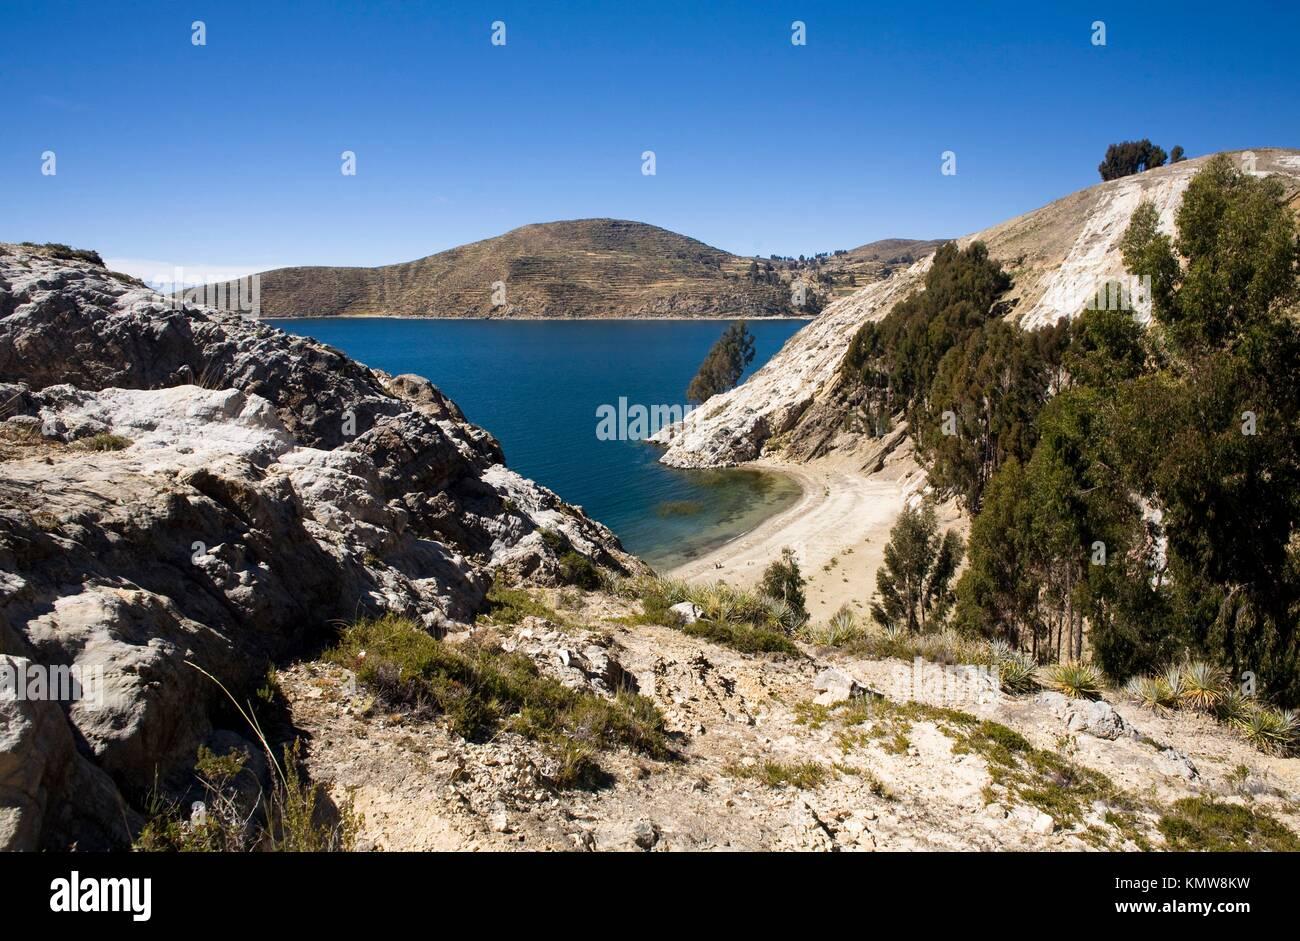 Isla del Sol, Lago Titicaca  Reserva Nacional del Titicaca  Bolivia - Stock Image